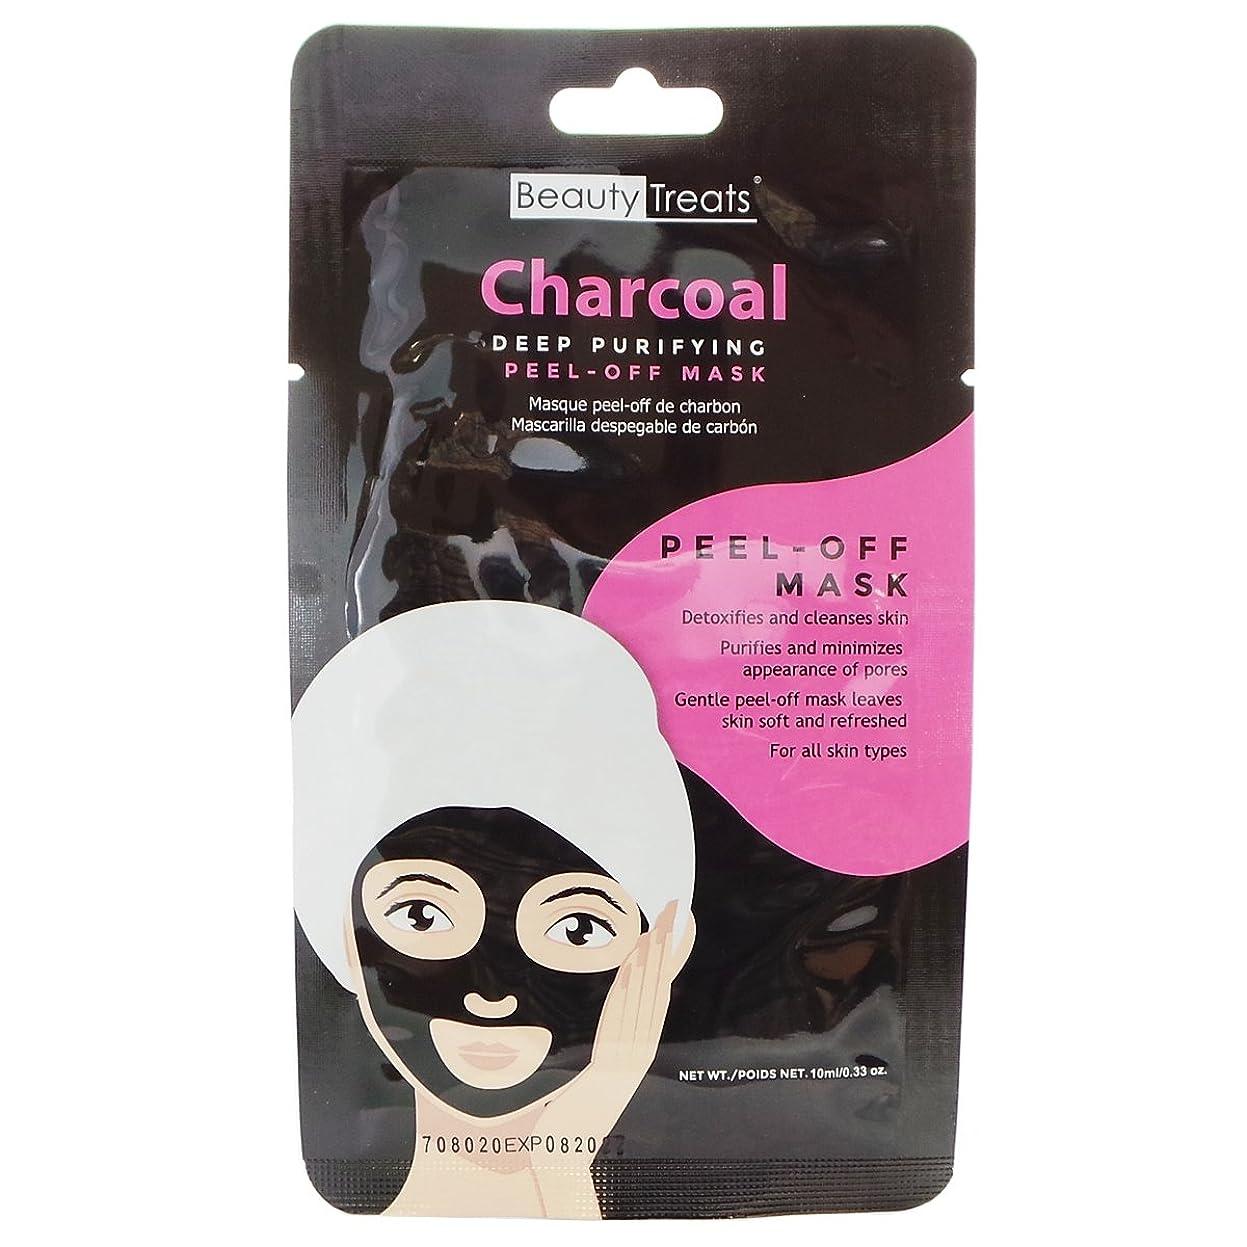 サーバント上向きパラダイスBEAUTY TREATS Deep Purifying Peel-Off Charcoal Mask (並行輸入品)